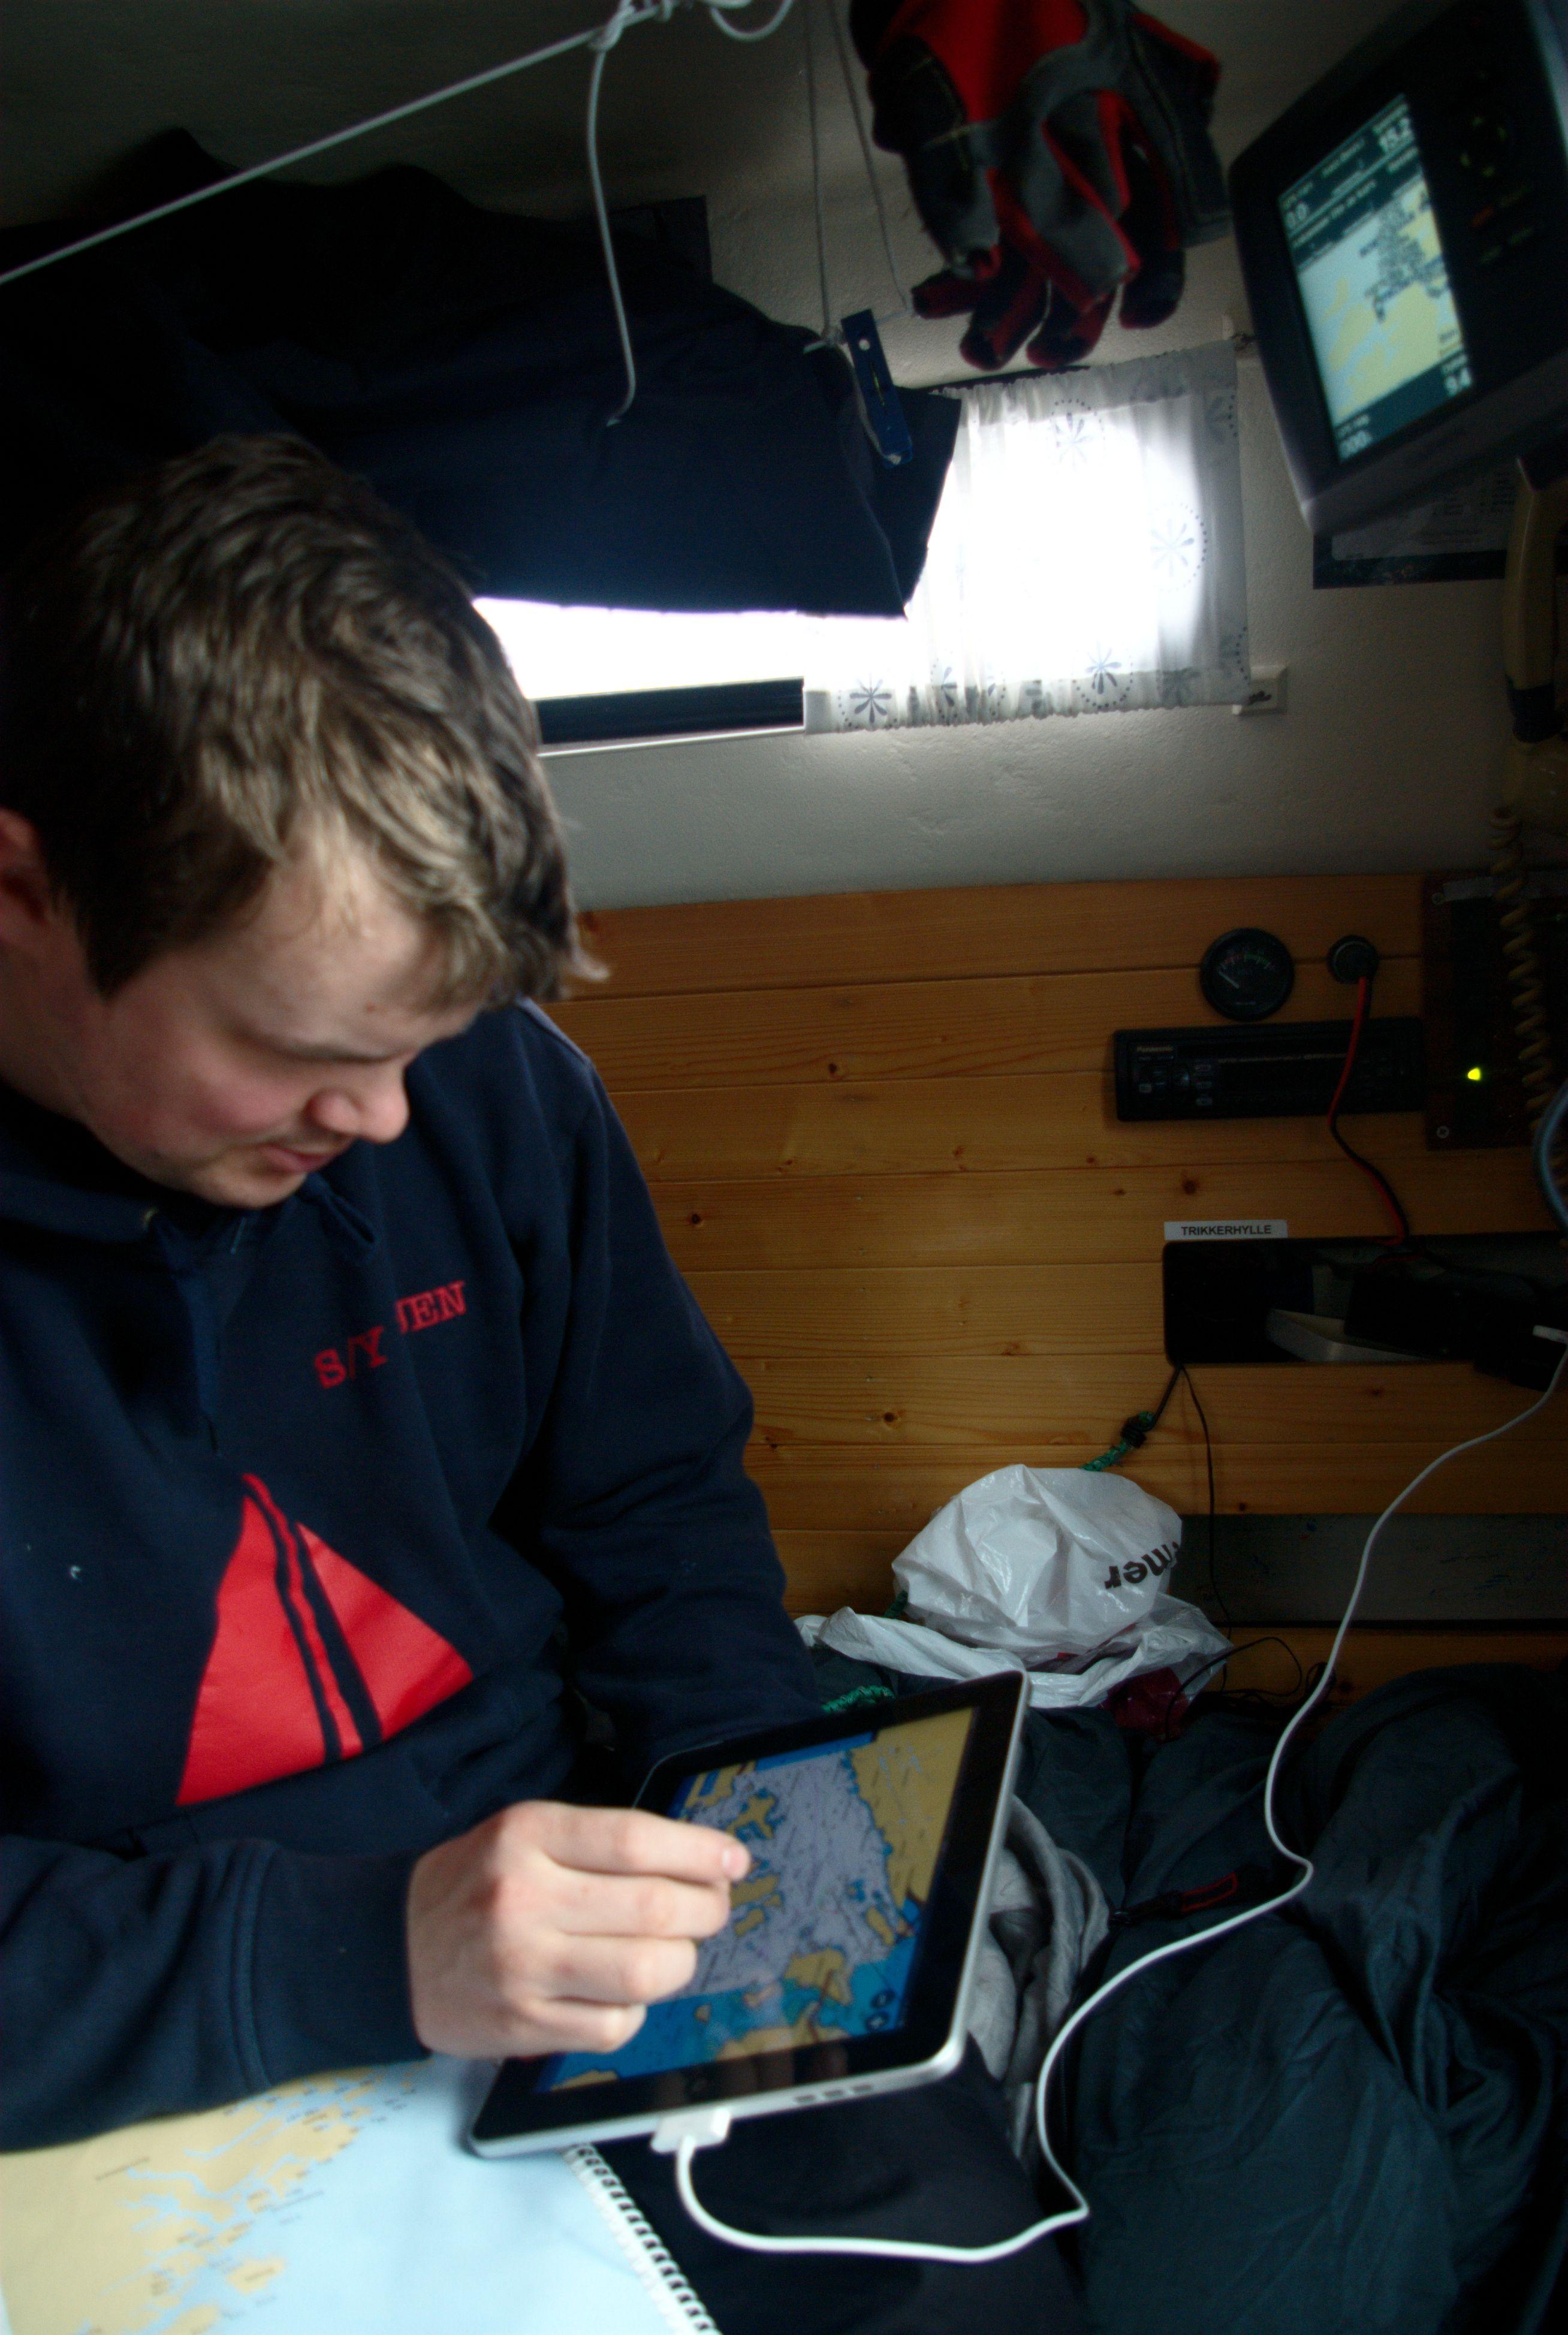 Kaptein Øyvind Nilssen på seilbåten S/Y Duen har jobbet på sjøen som skipselektriker, og går nå styrmannsskole. Han liker iPad og Navionics Marine som planleggingsverktøy.